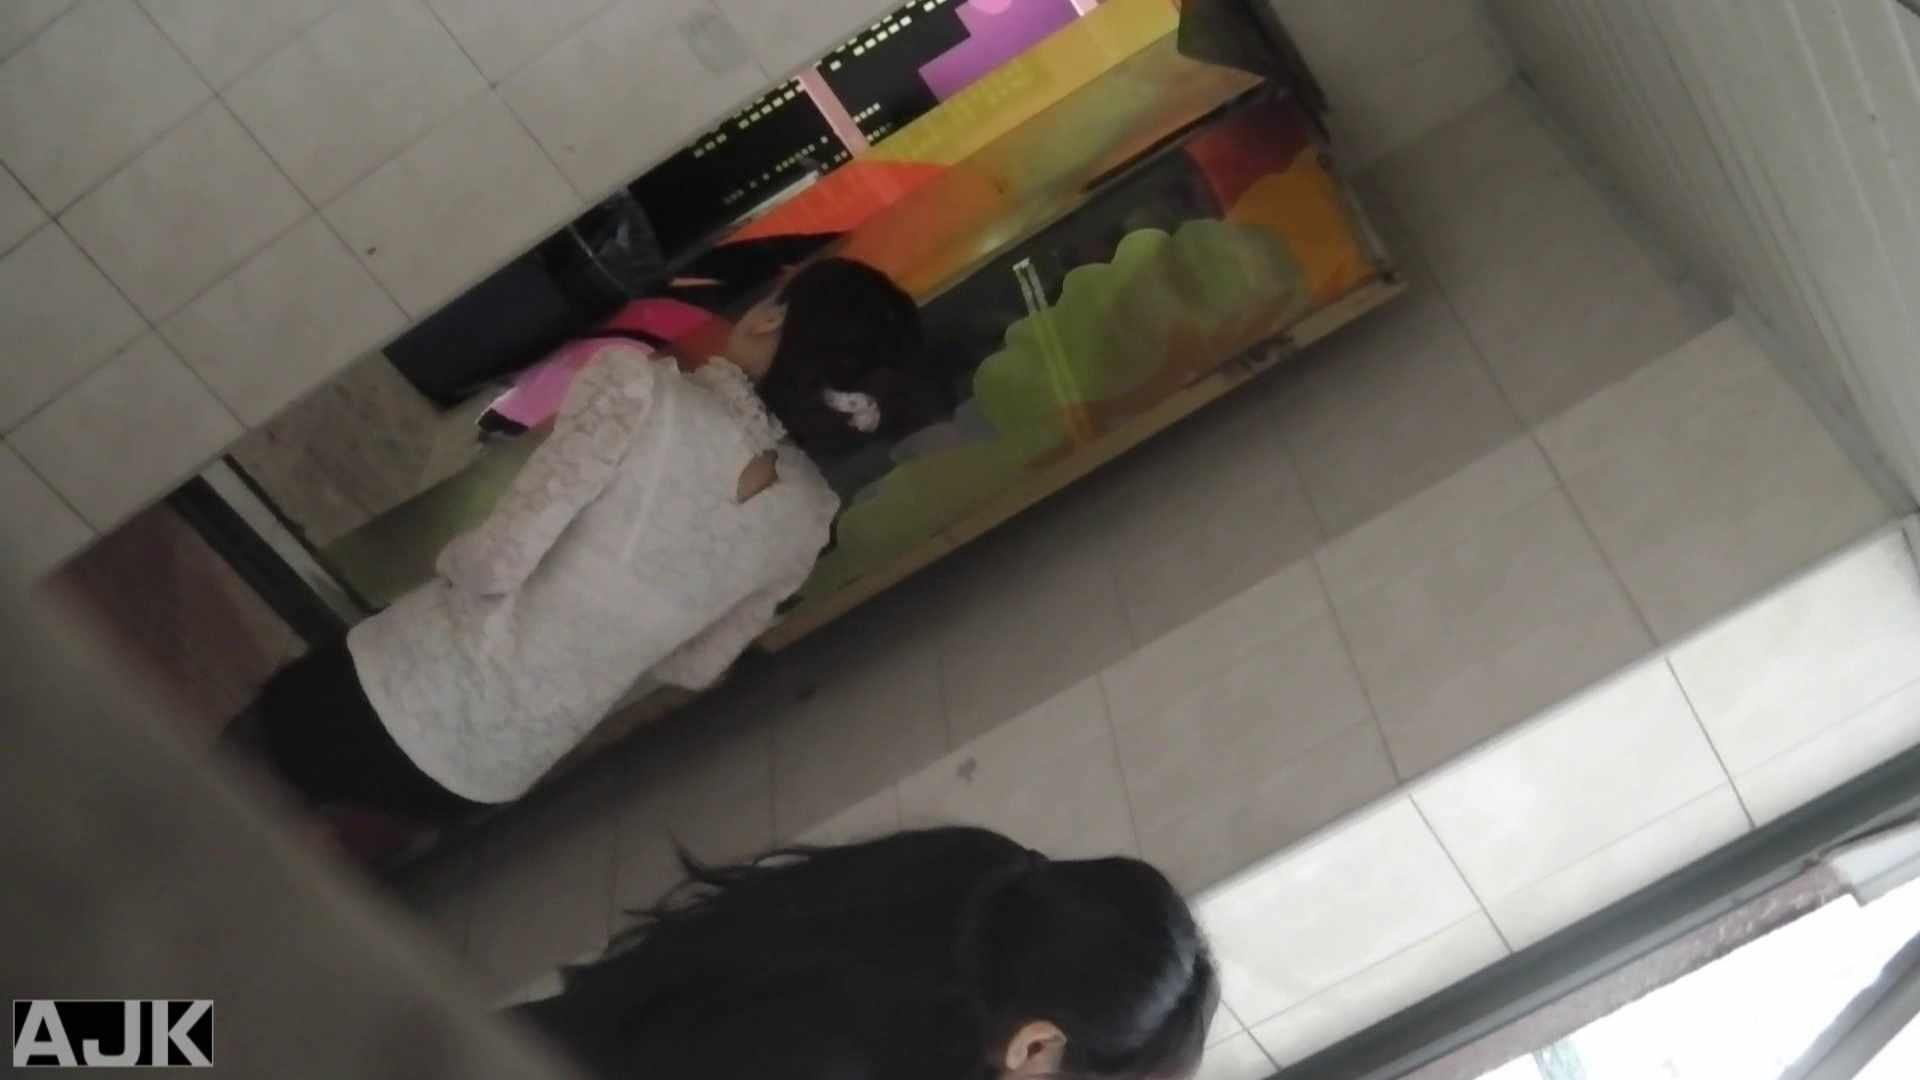 隣国上階級エリアの令嬢たちが集うデパートお手洗い Vol.09 便所の中まで おまんこ動画流出 103枚 18